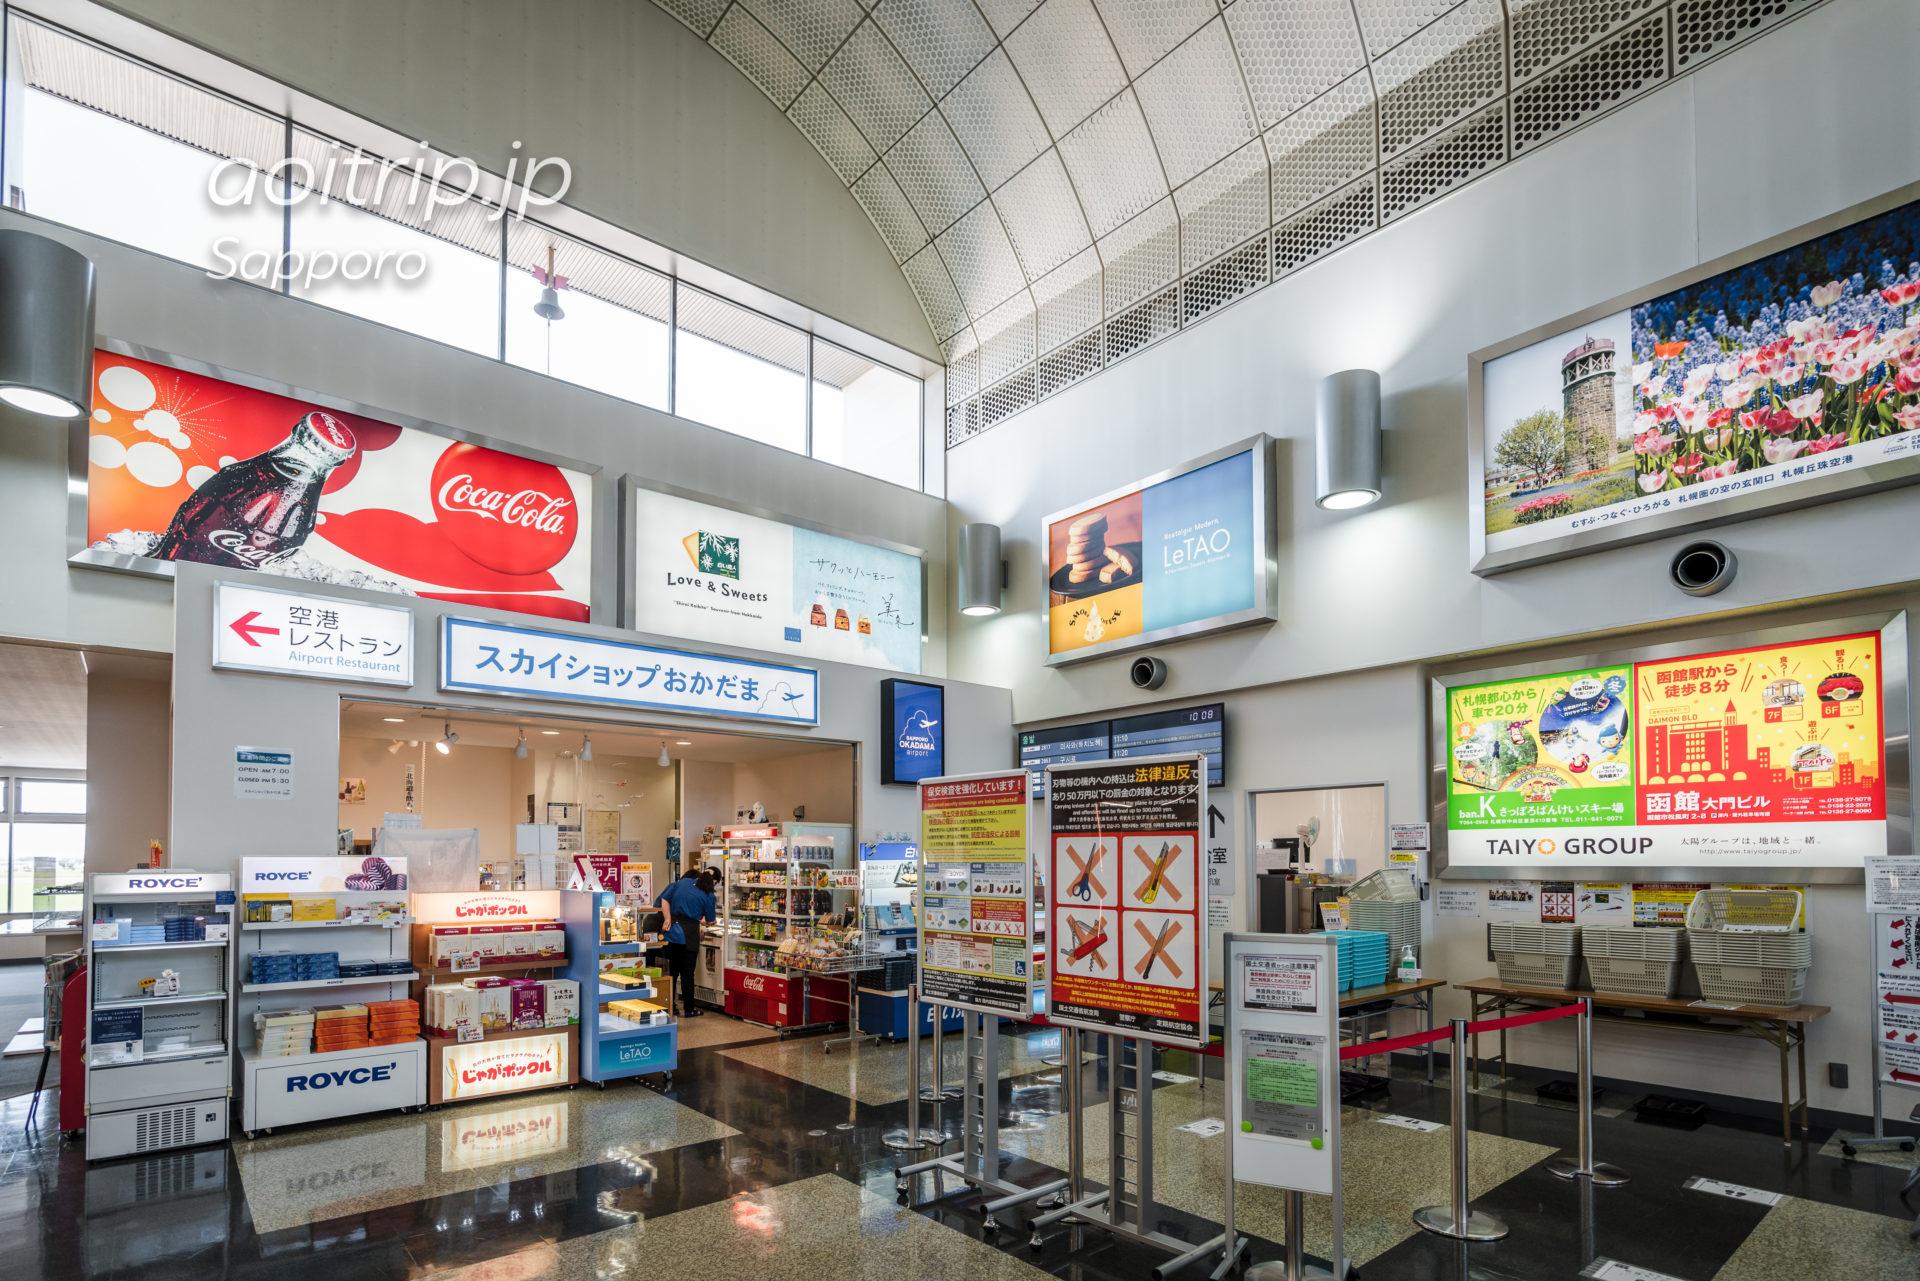 丘珠空港の売店「スカイショップ丘珠」